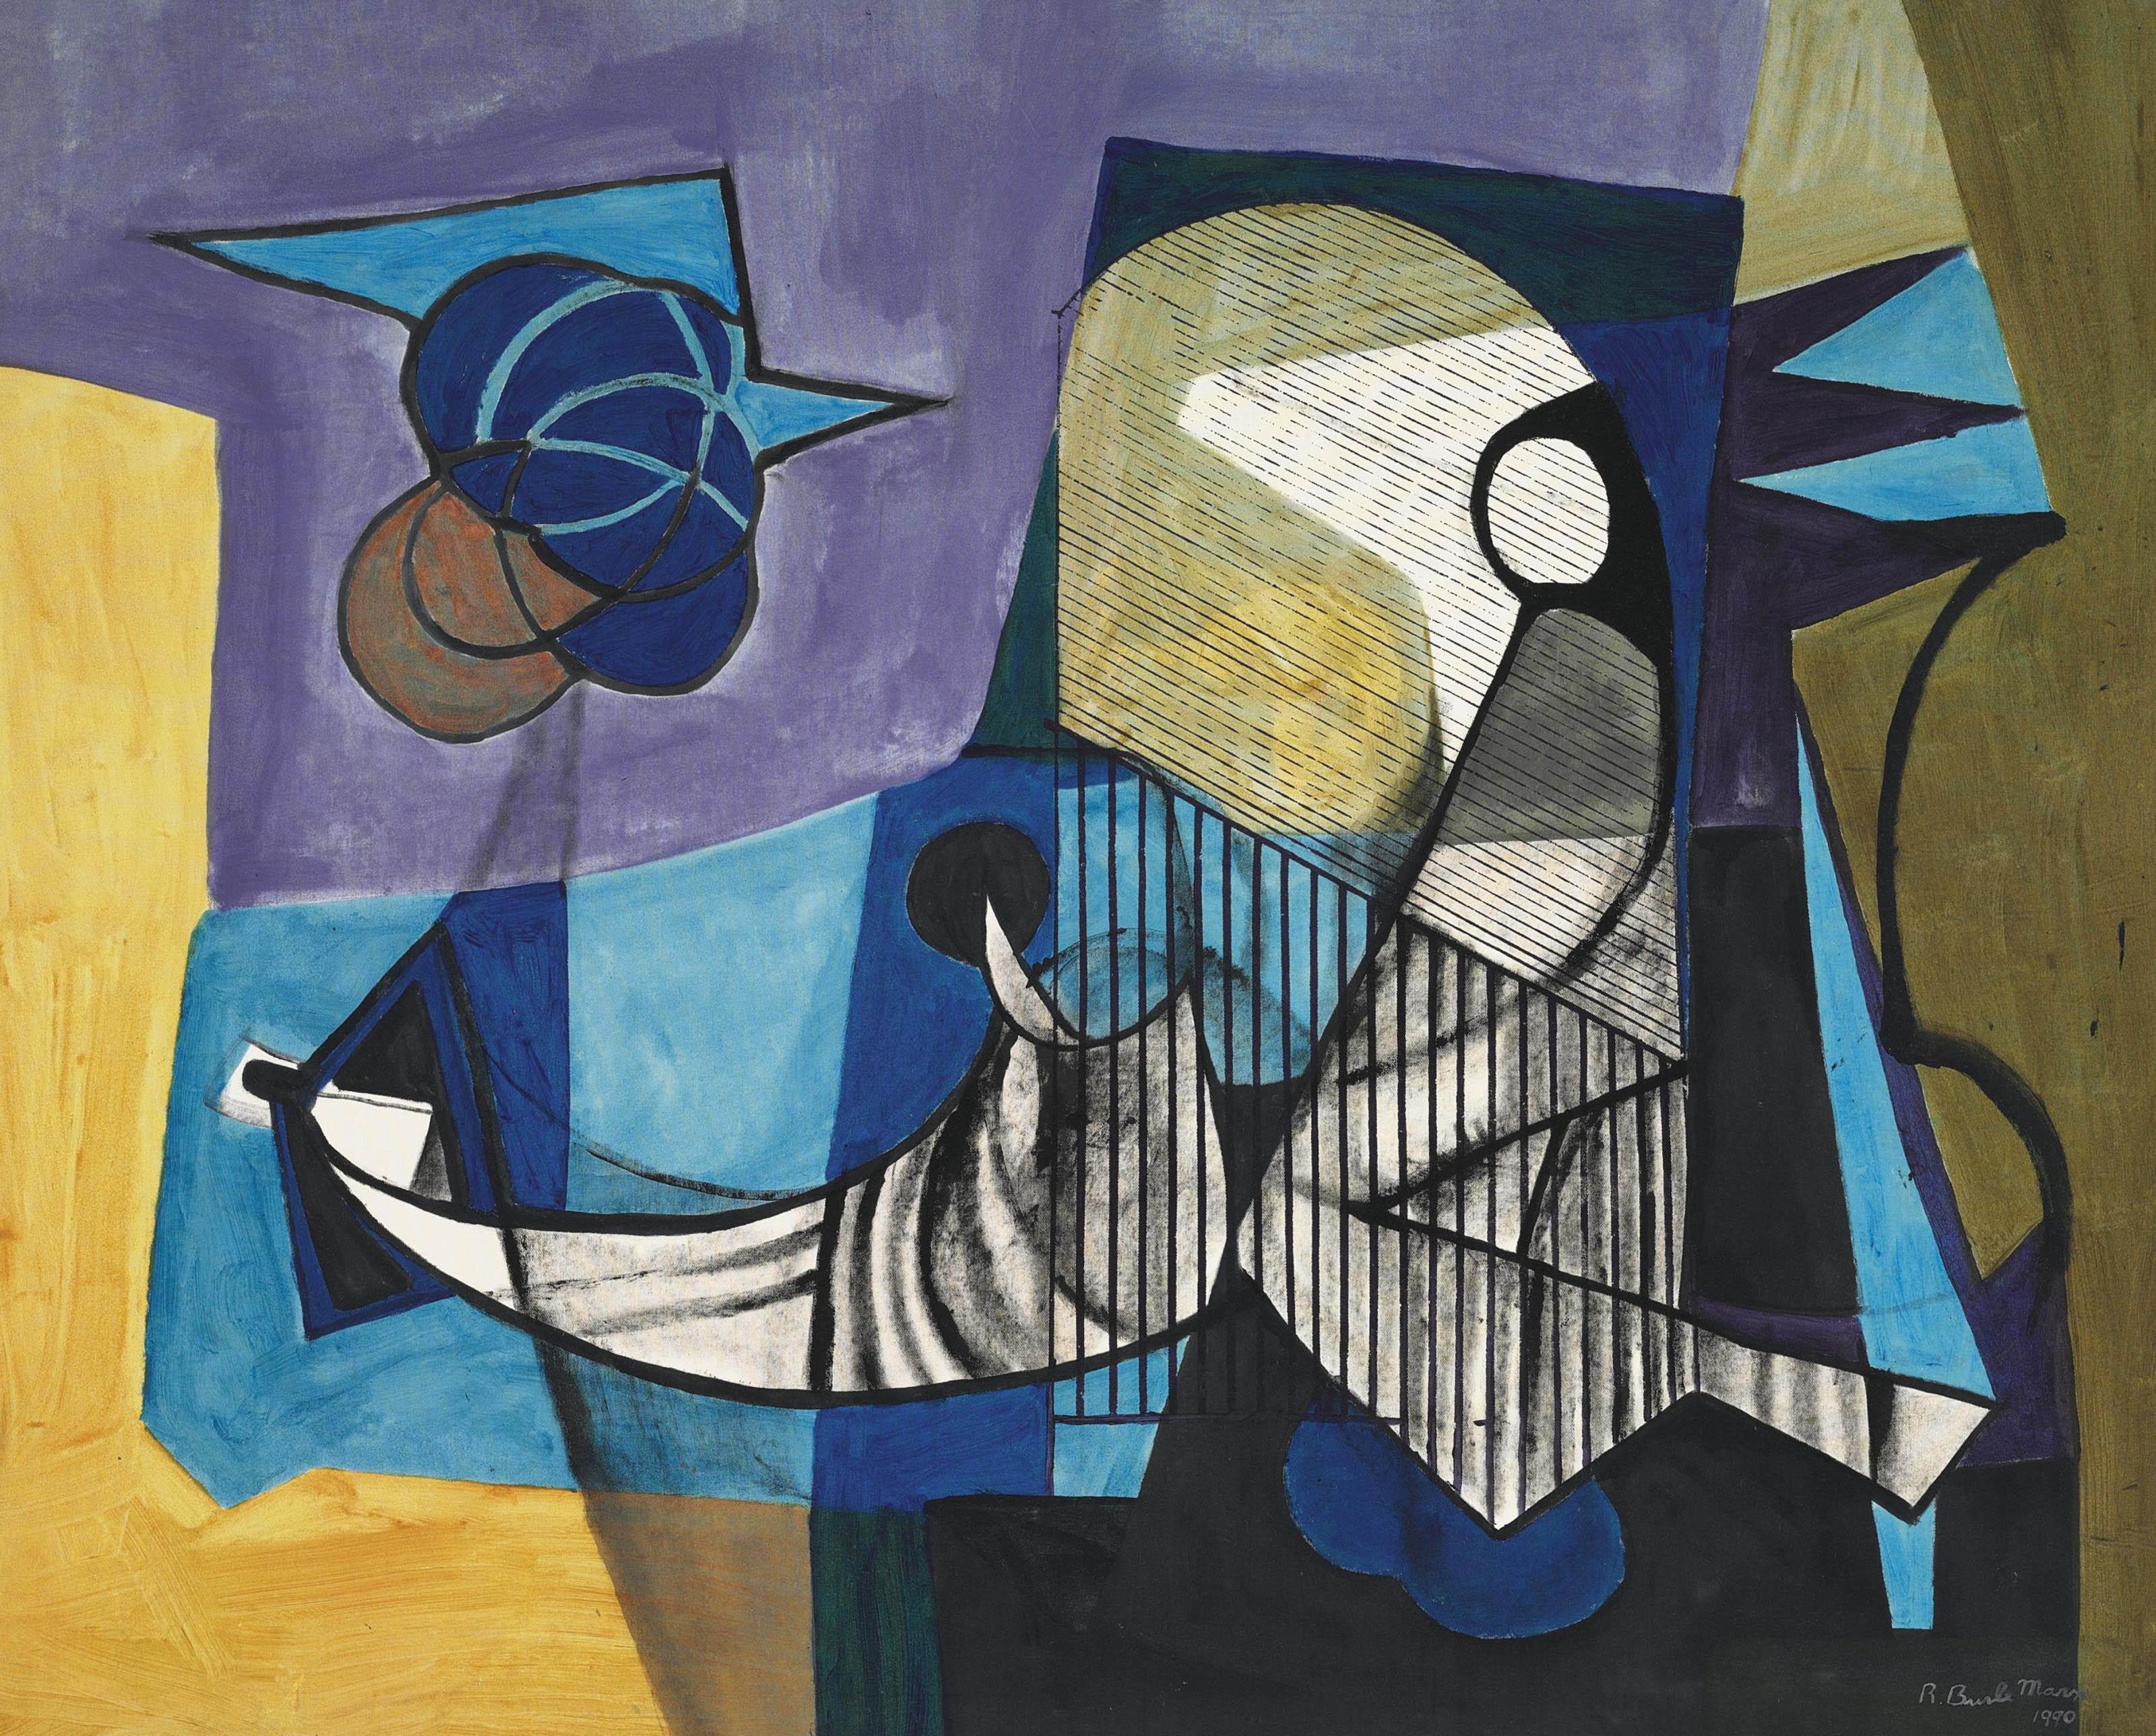 Roberto Burle Marx (Brazilian